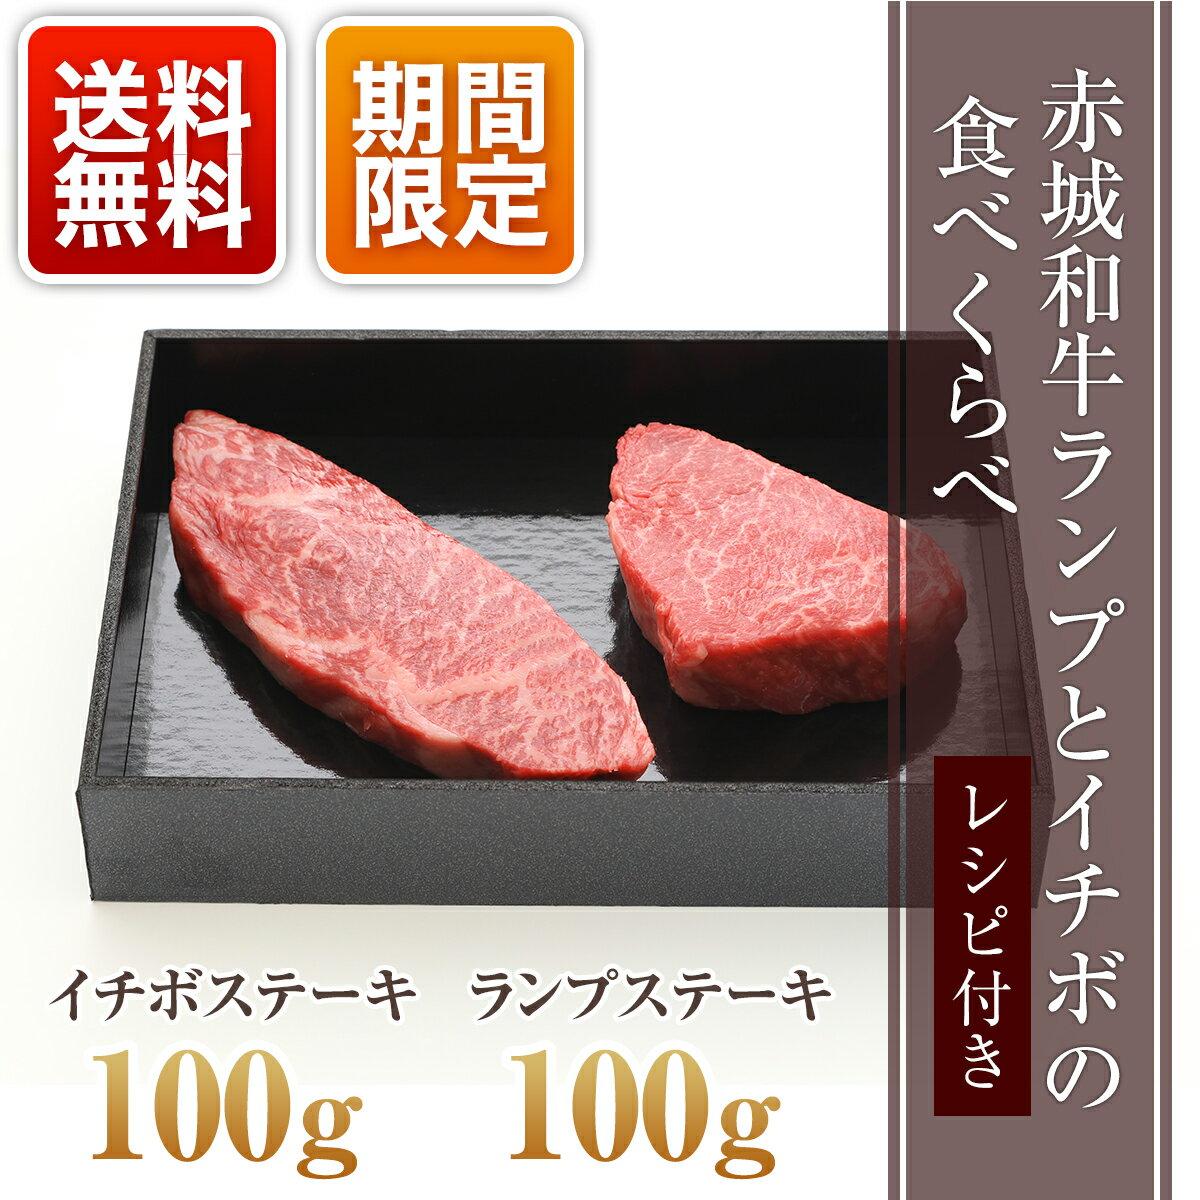 赤城和牛ランプとイチボの食べくらべ レシピ付き【冷凍】【送料無料】